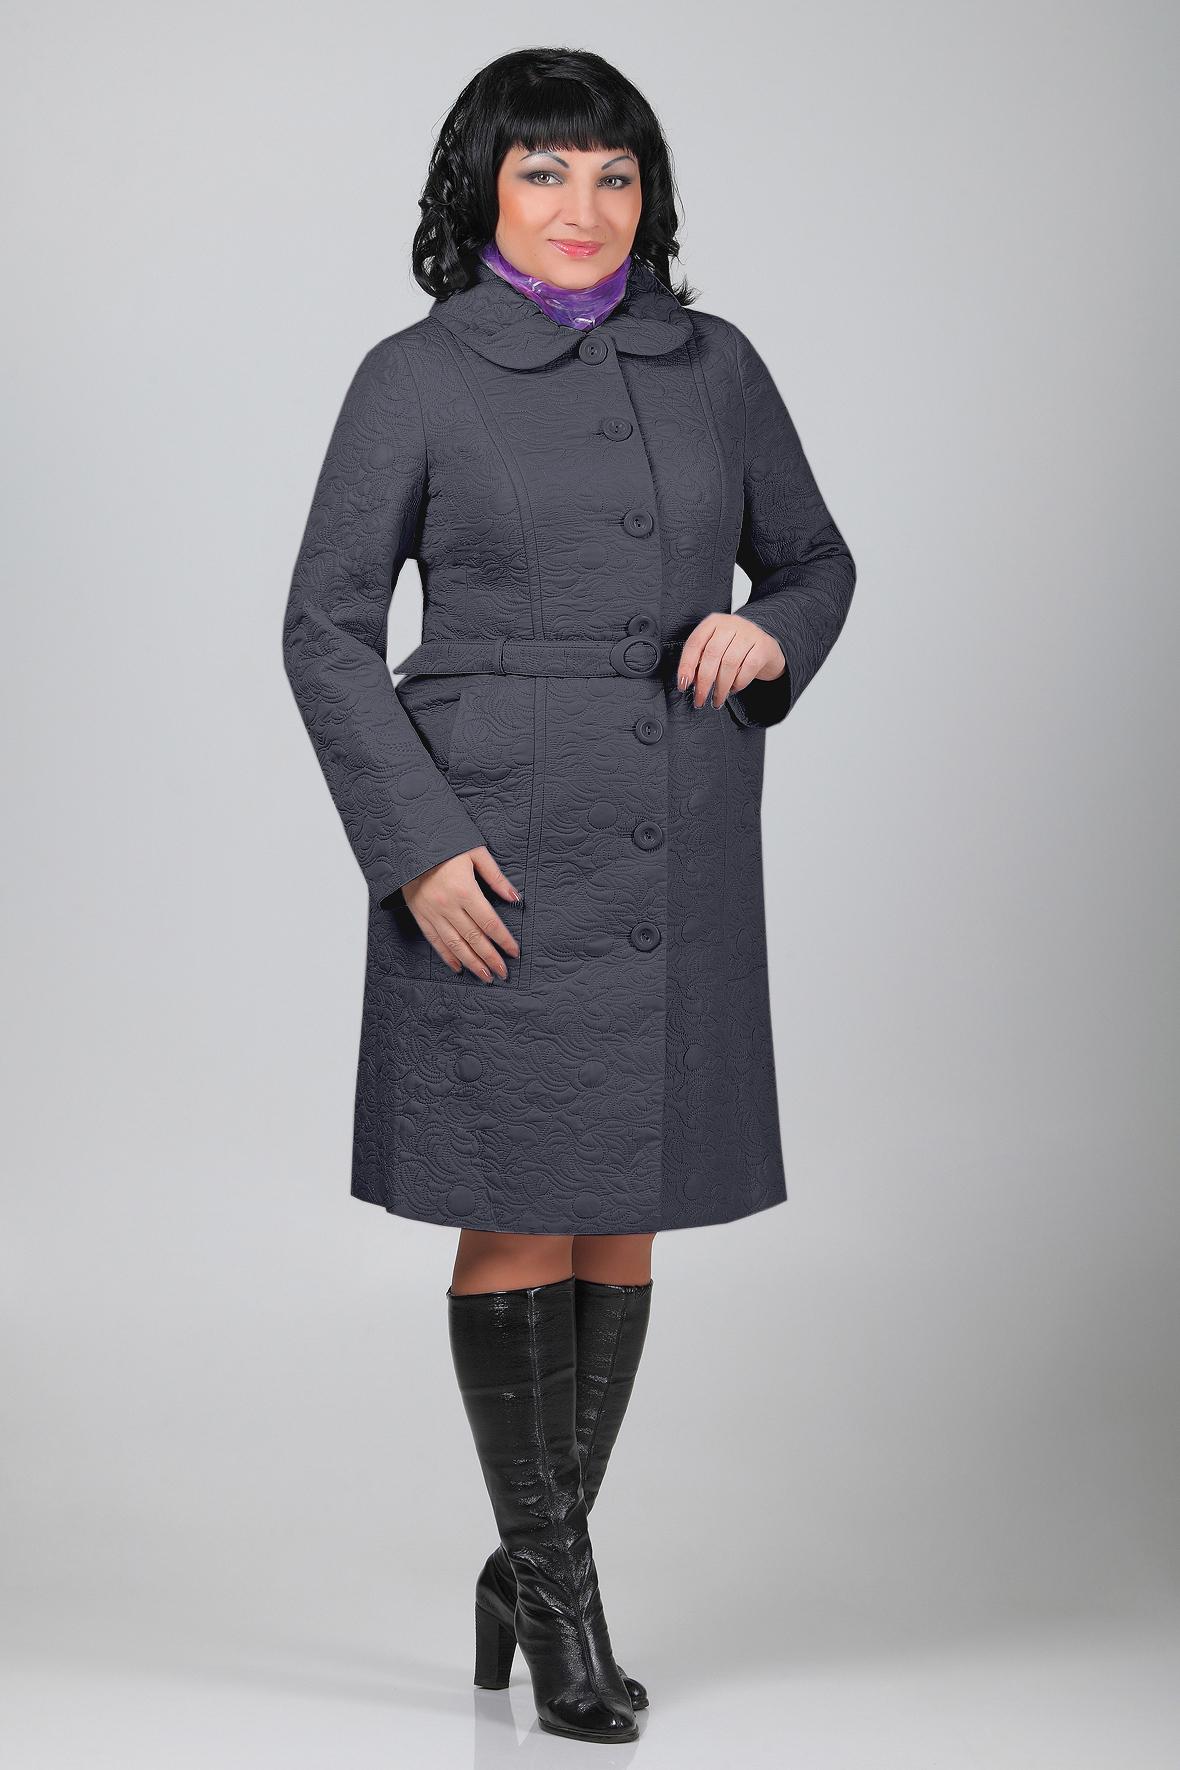 Женская верхняя одежда больших размеров. Пальто, куртки, плащи и ветровки. Доступные цены. Без рядов!